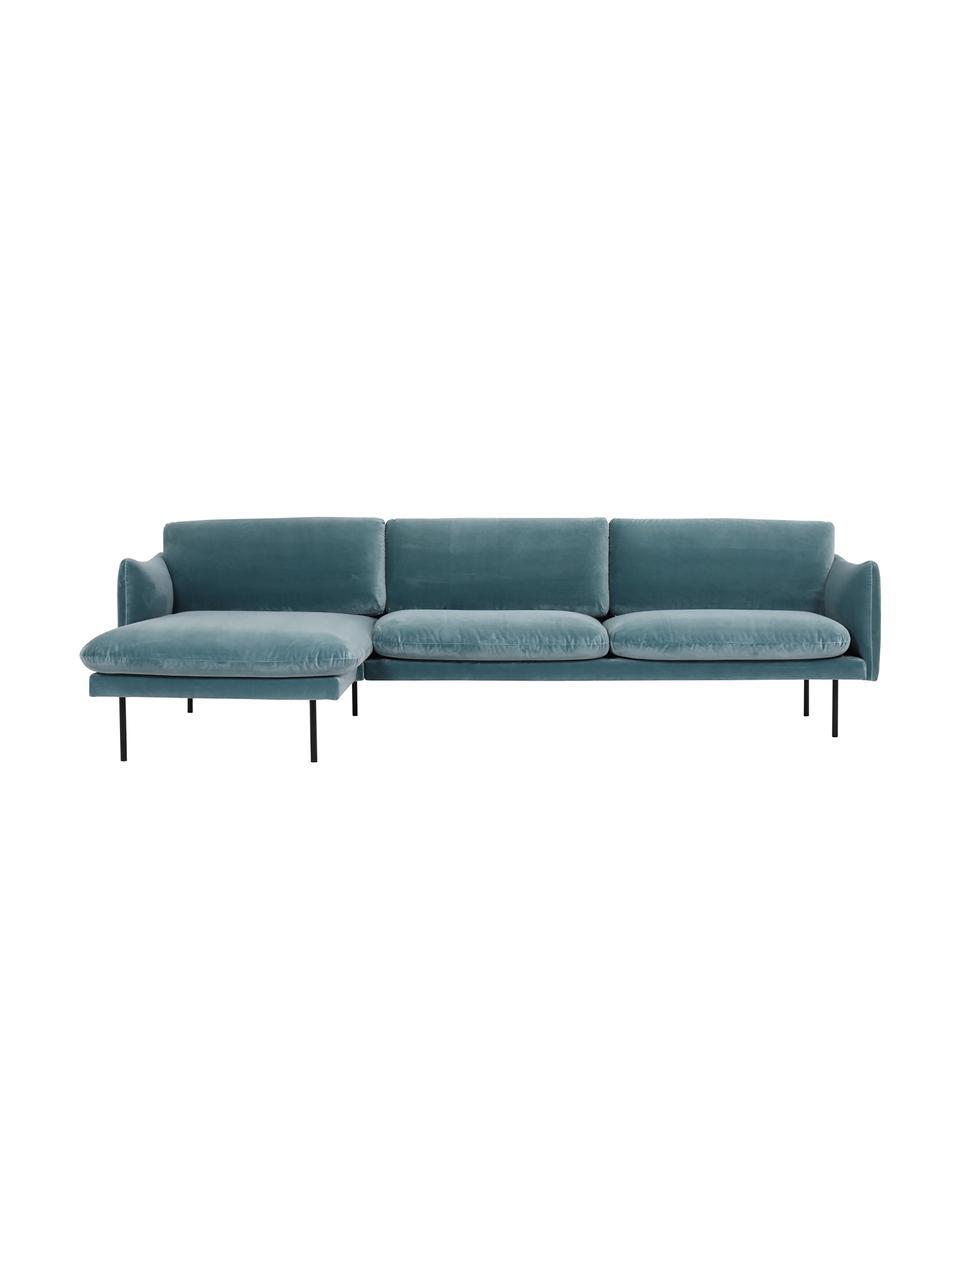 Sofa narożna z aksamitu z metalowymi nogami Moby, Tapicerka: aksamit (wysokiej jakości, Stelaż: lite drewno sosnowe, Nogi: metal malowany proszkowo, Aksamitny turkusowy, S 280 x G 160 cm